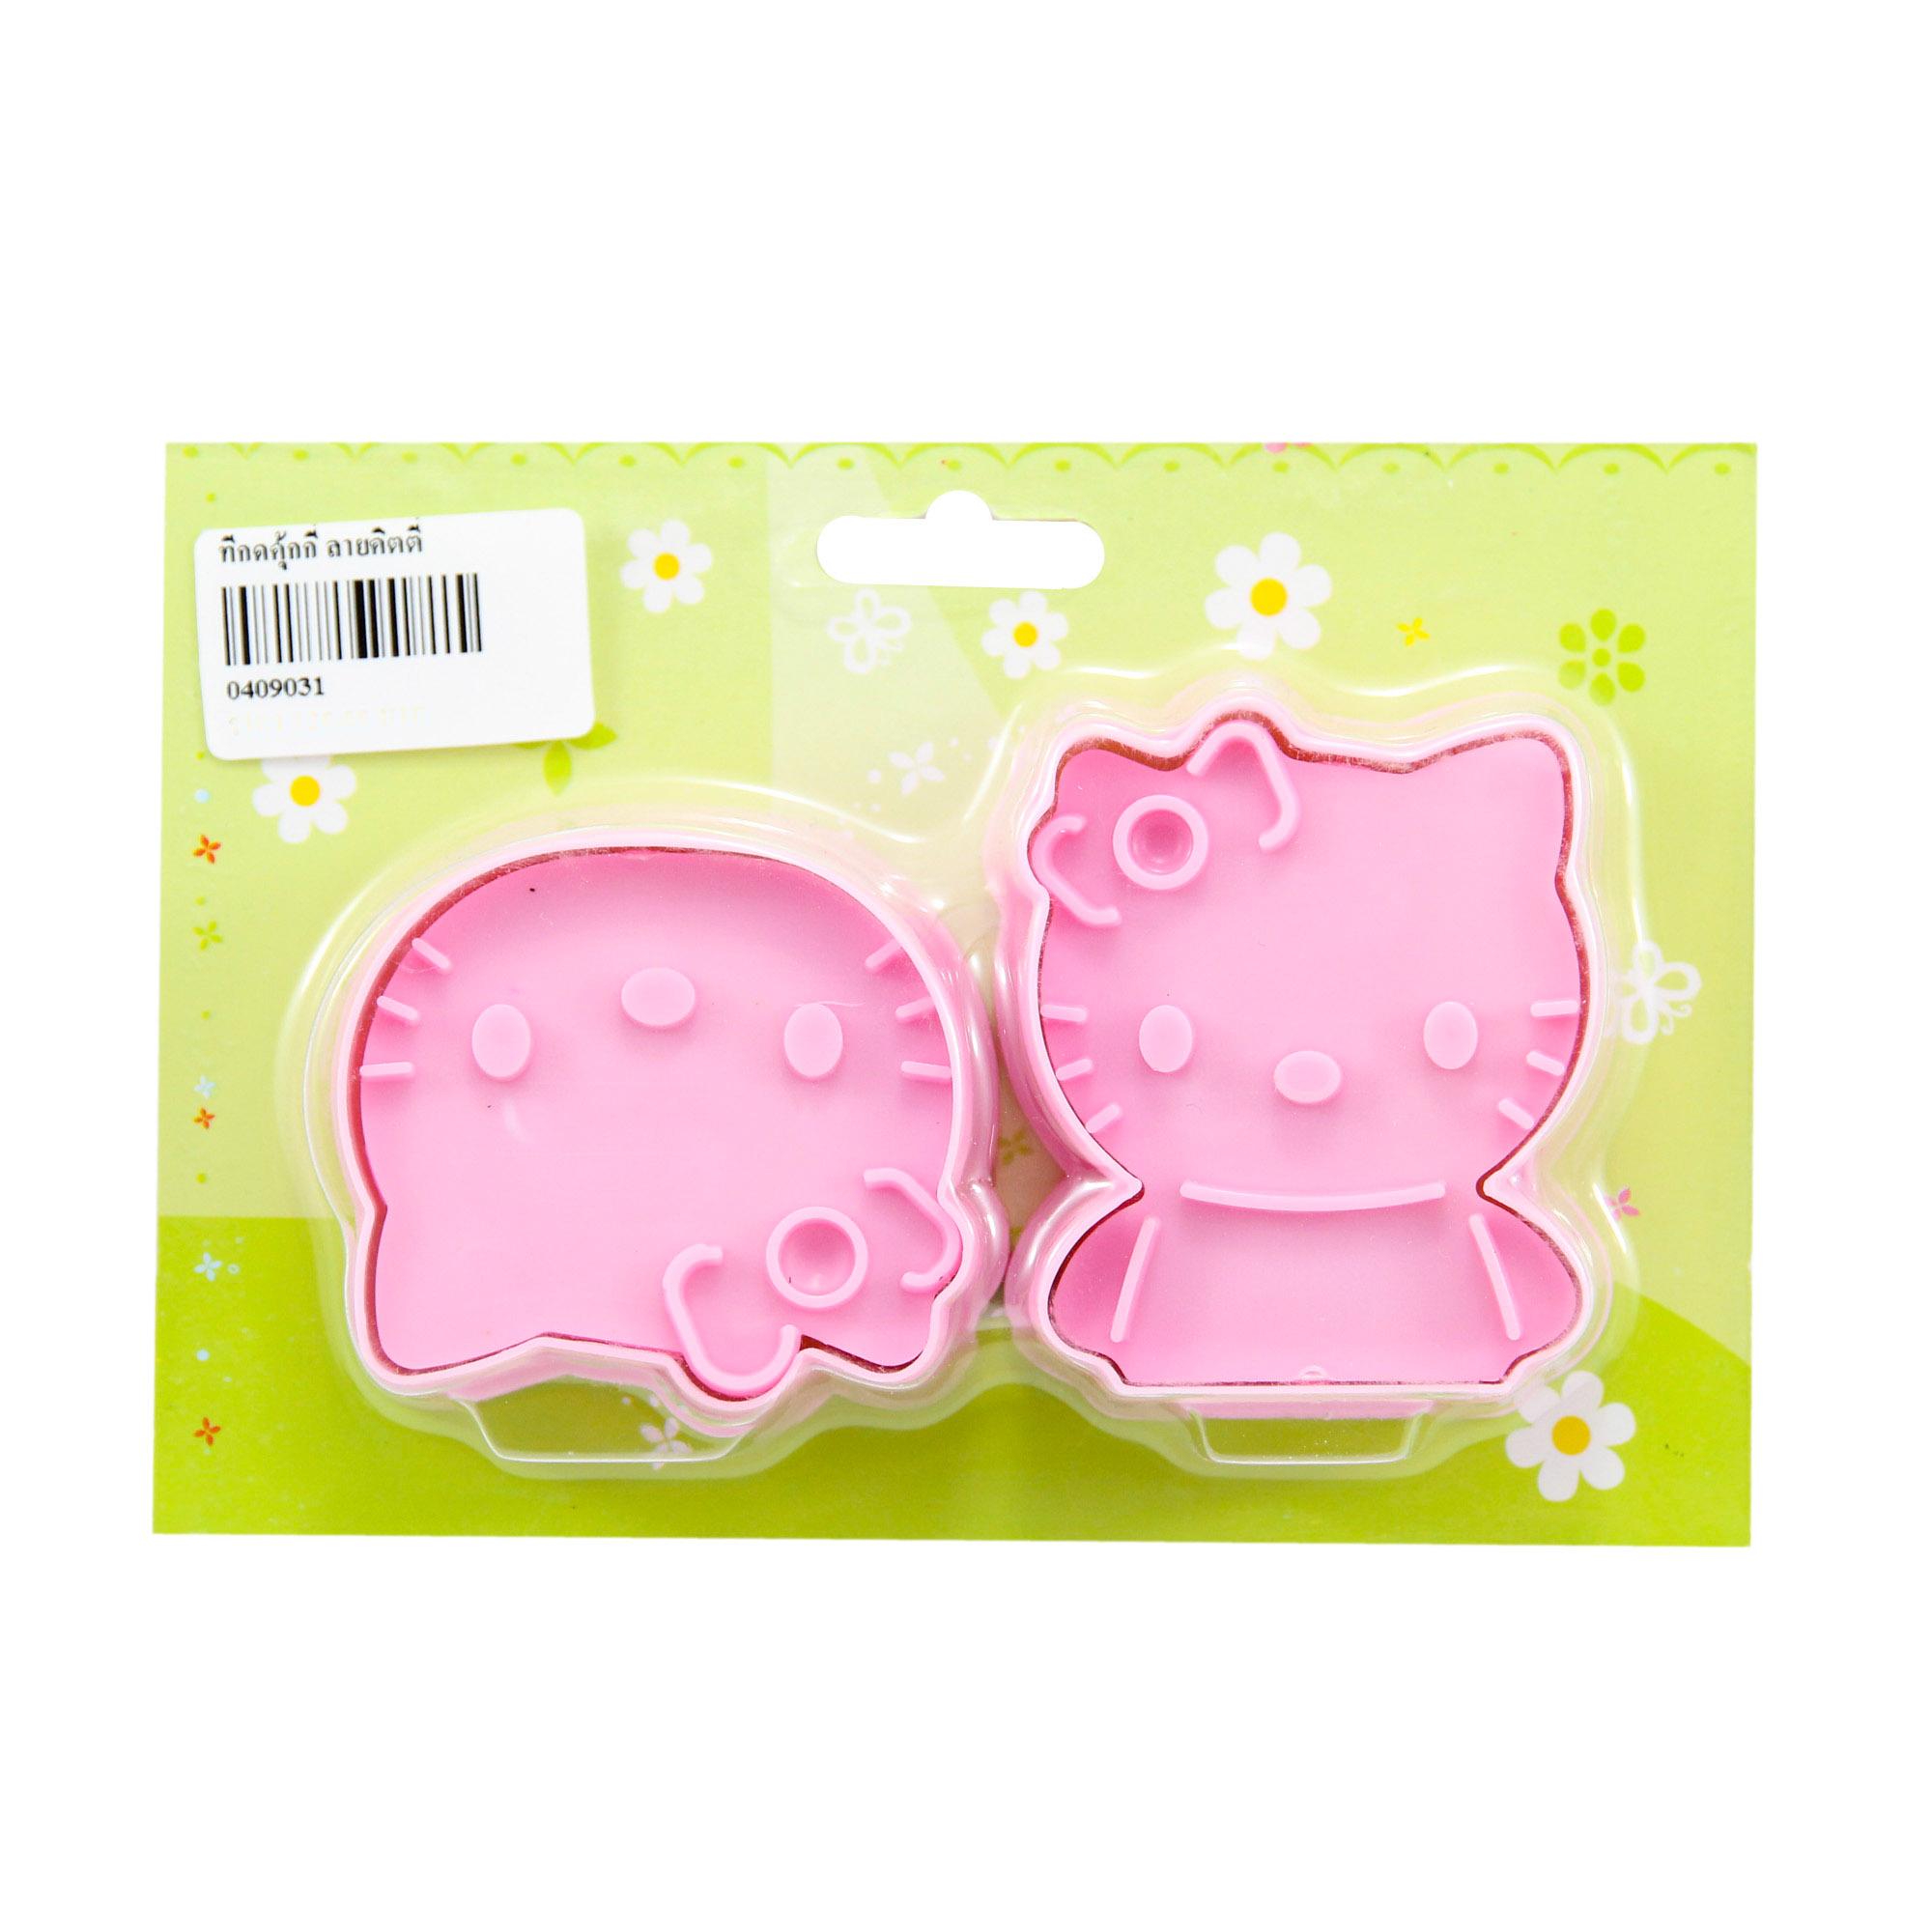 พิมพ์กดคุ้กกี้ ฟองดอง ลาย Hello Kitty